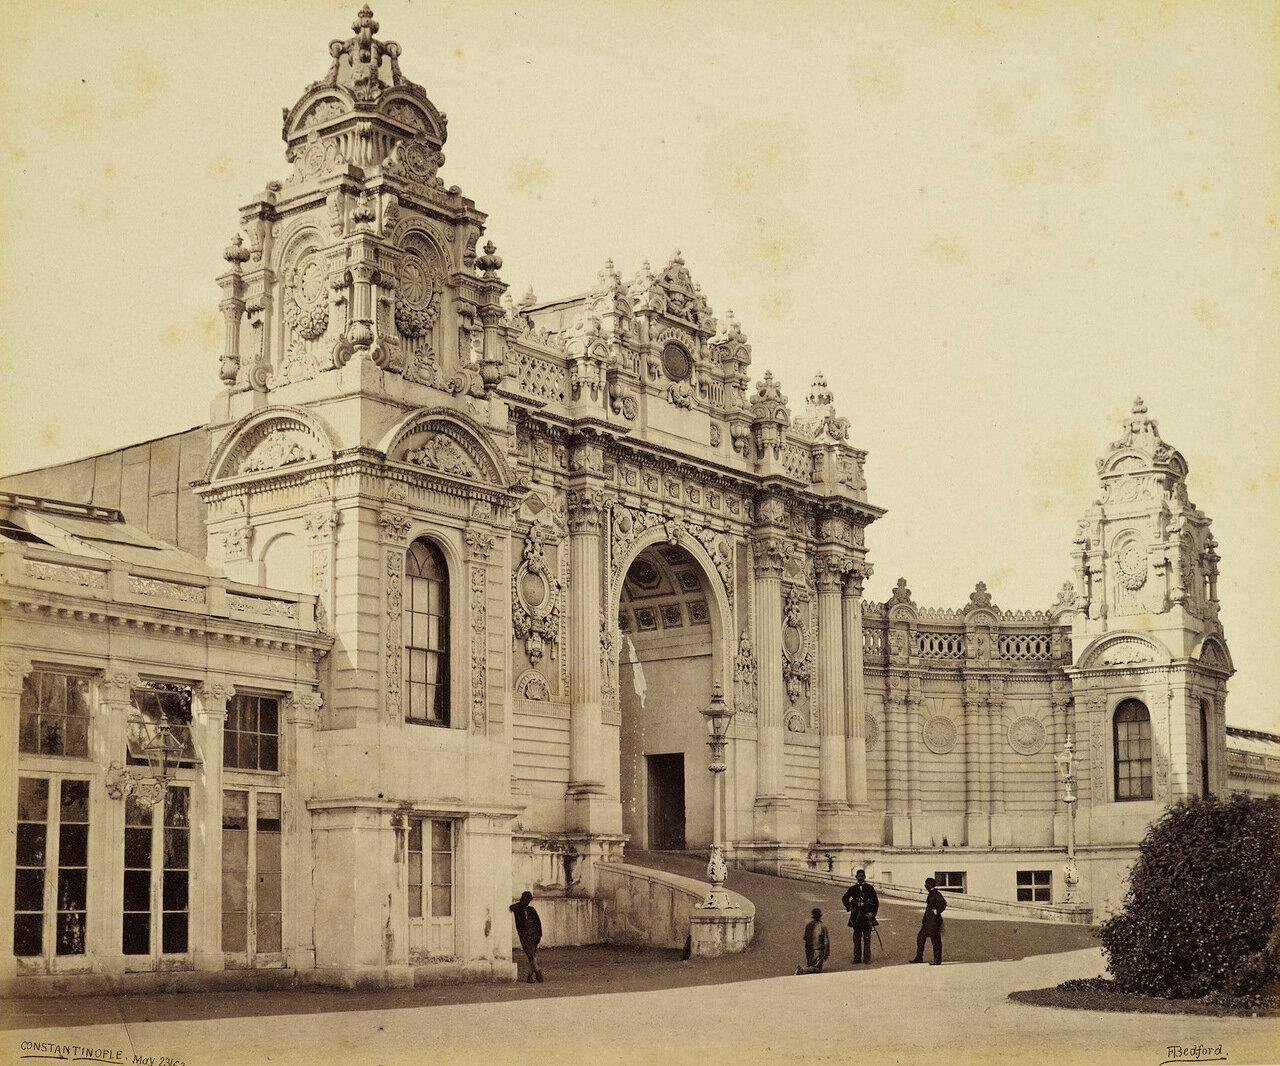 23 мая 1862. Дворец Долмабахче, Главный вход. Константинополь